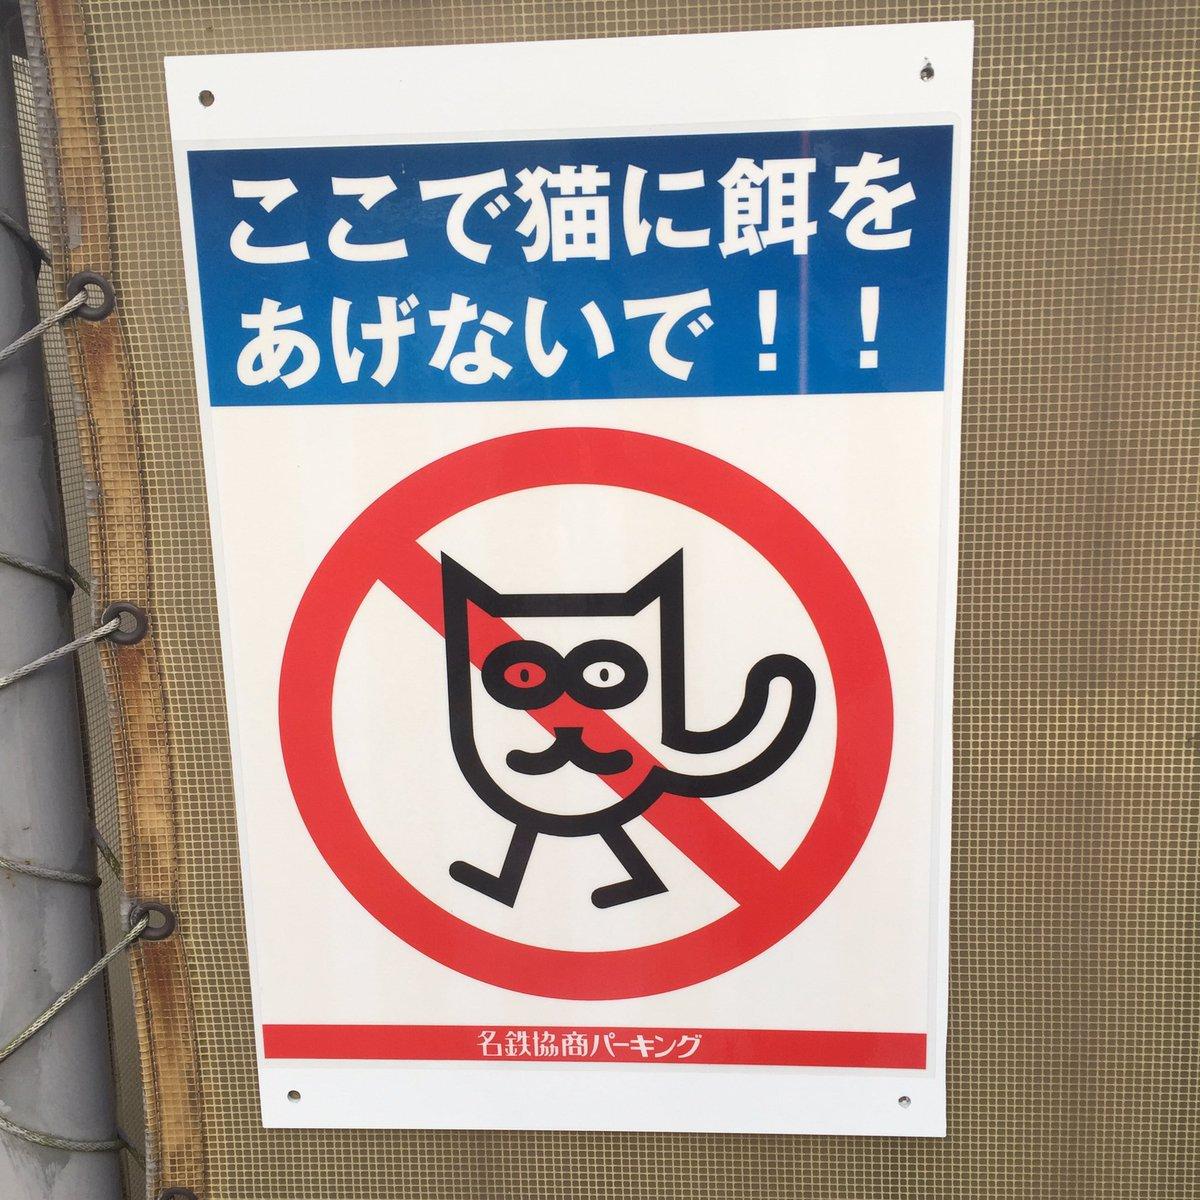 ねこ…? pic.twitter.com/cugthYQrAV